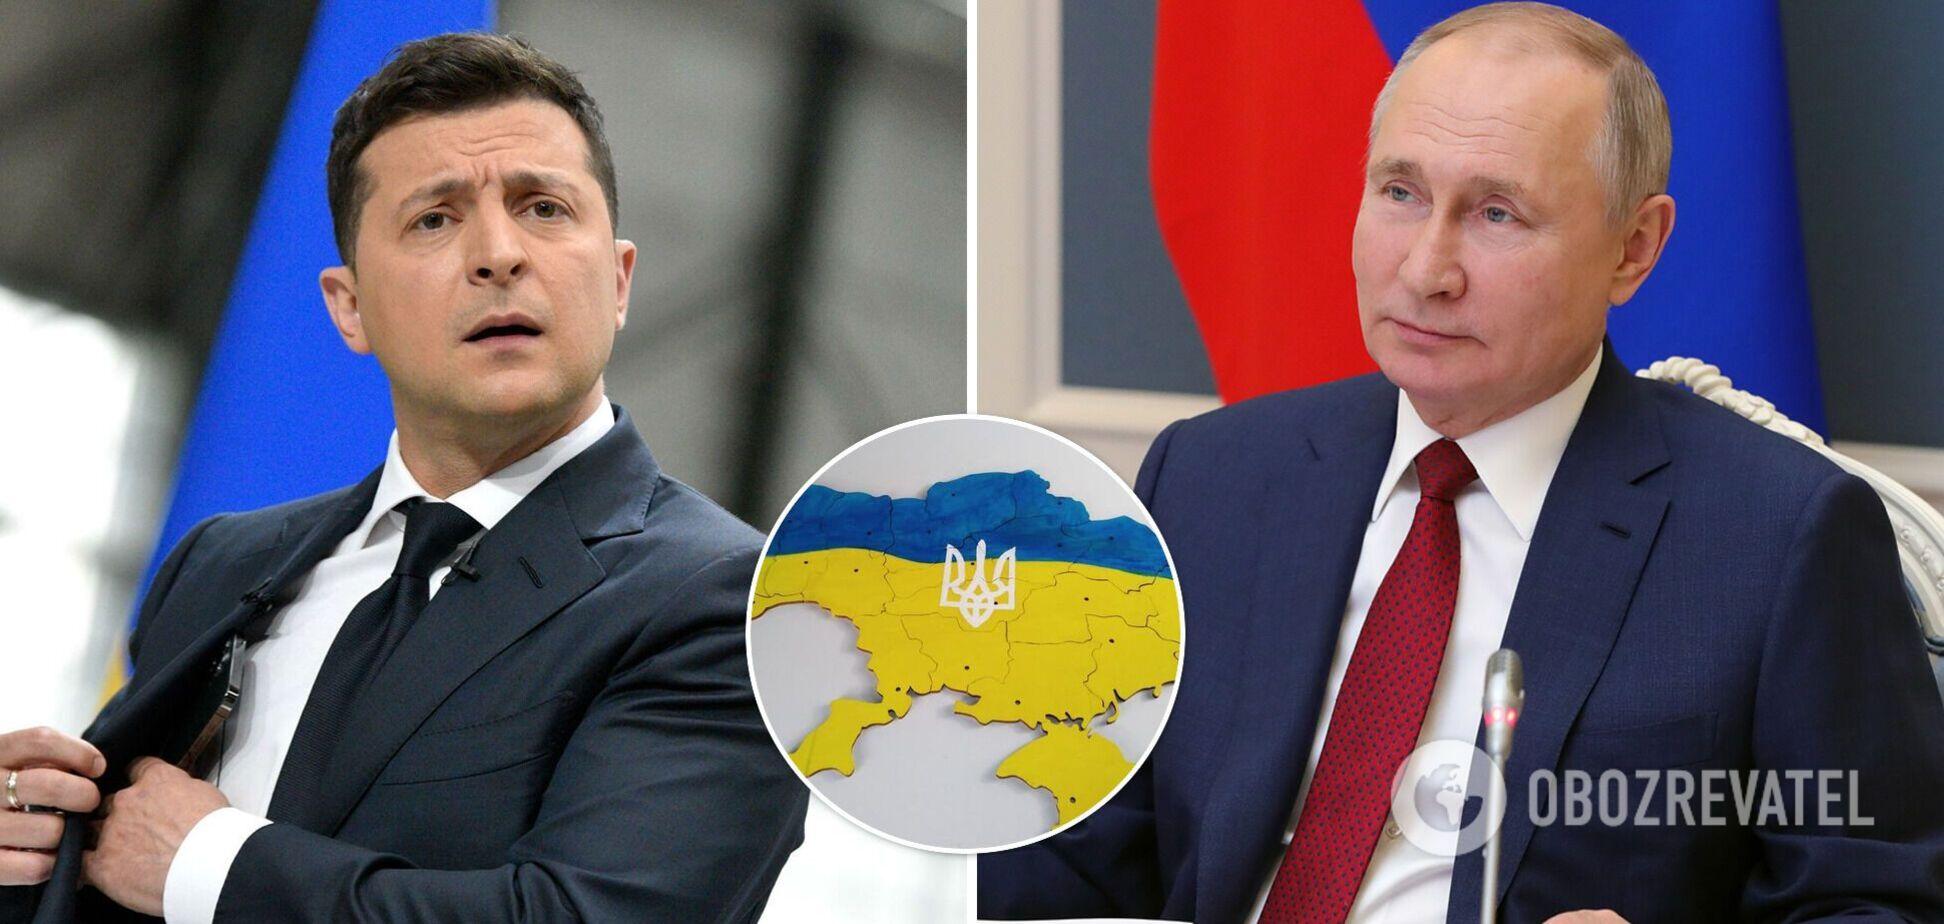 Путін – про ініціативу Зеленського щодо корінних народів: Україна виникла як породження радянського періоду